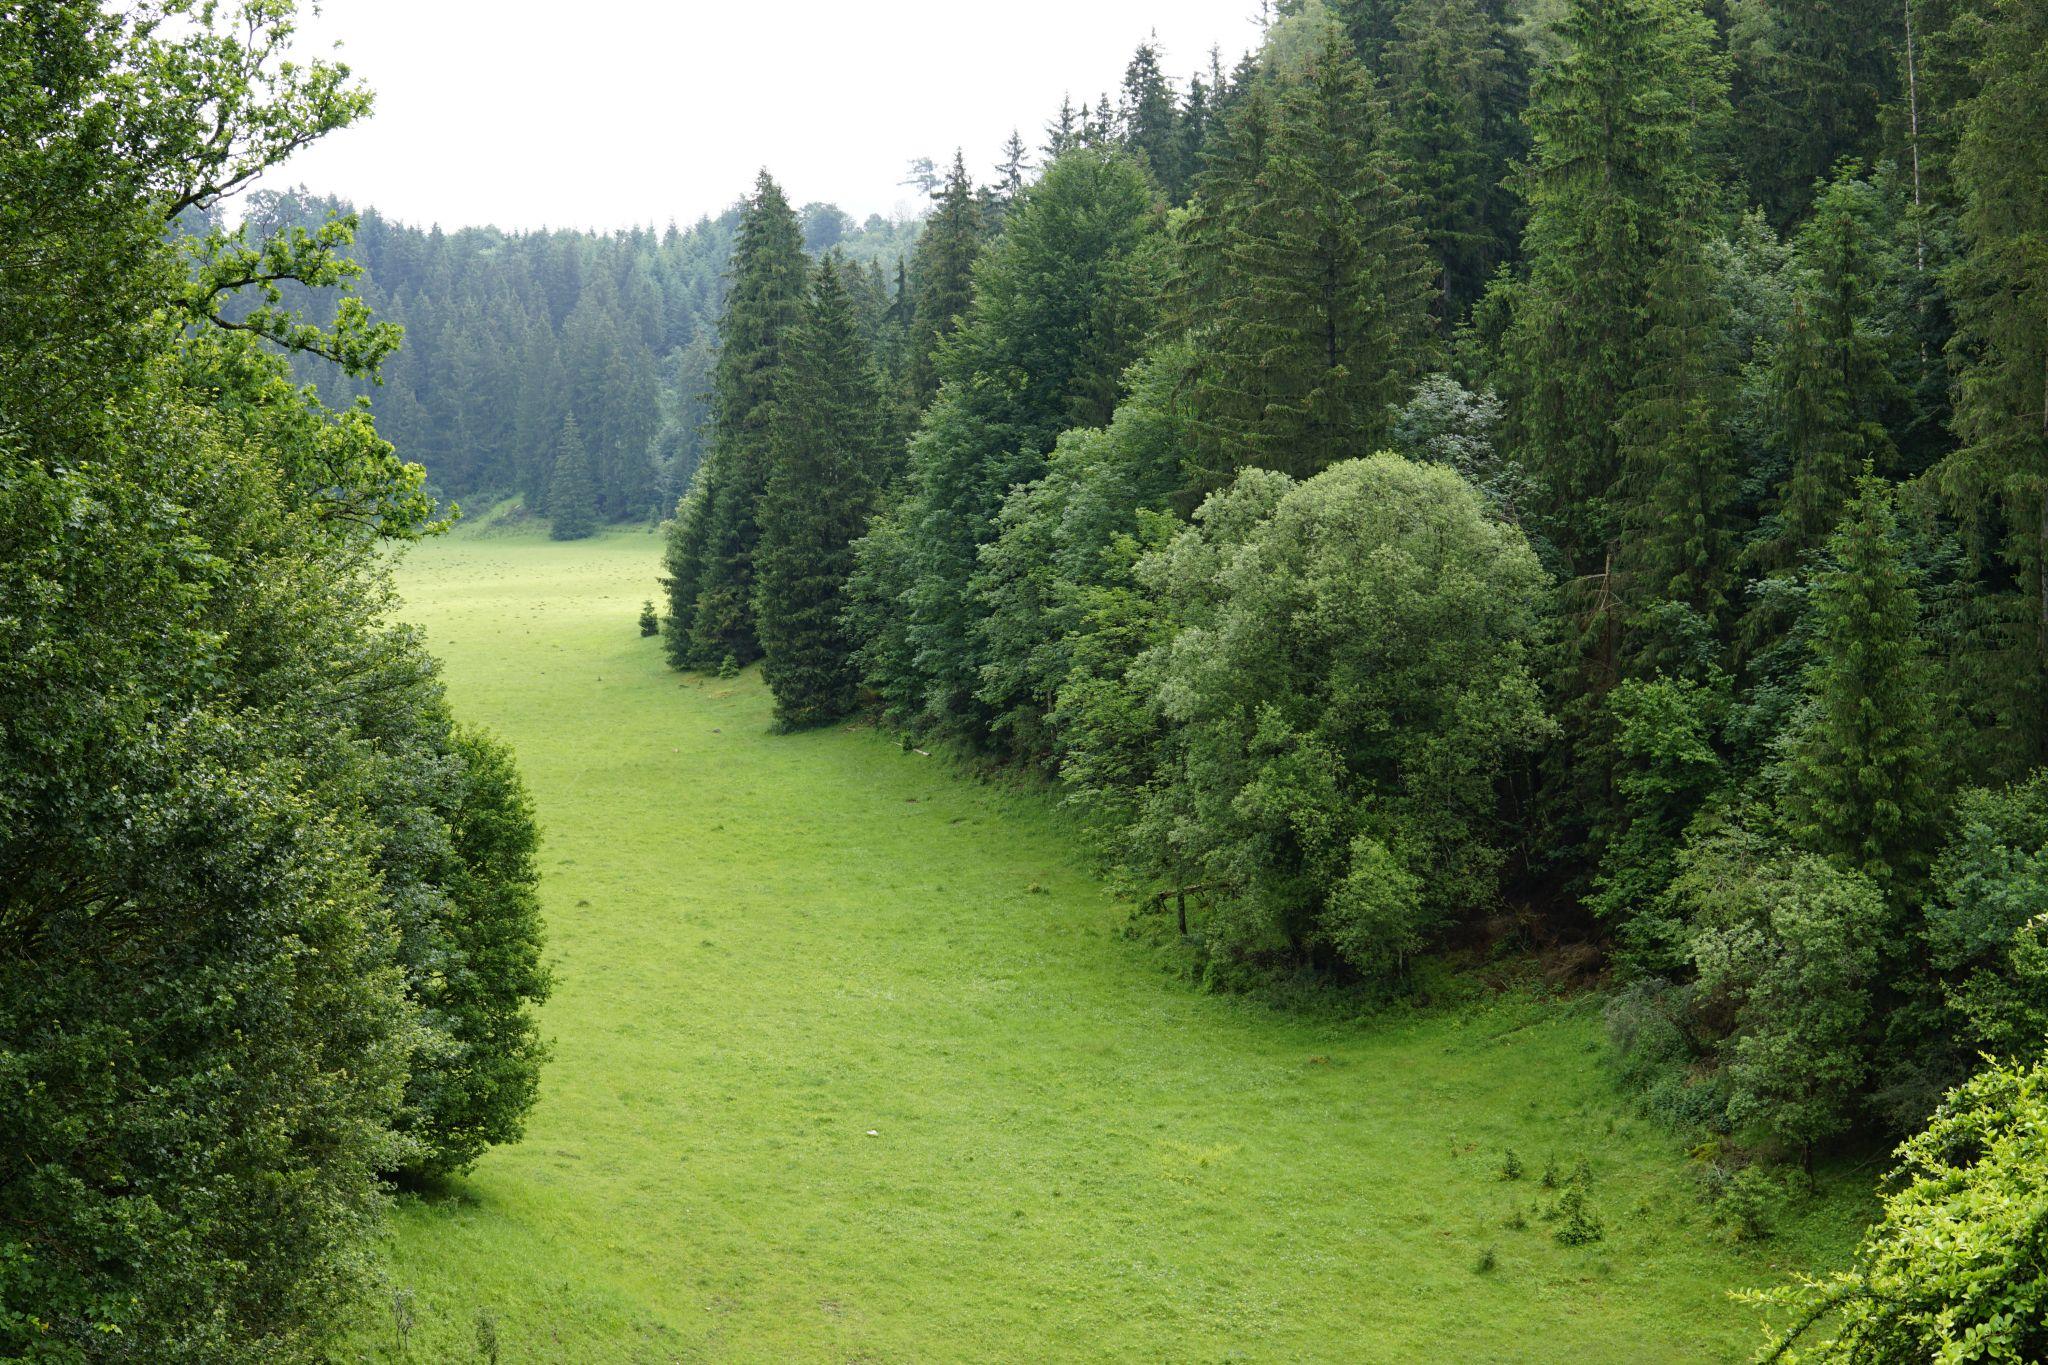 Wasserrückhaltebecken Wental, Germany